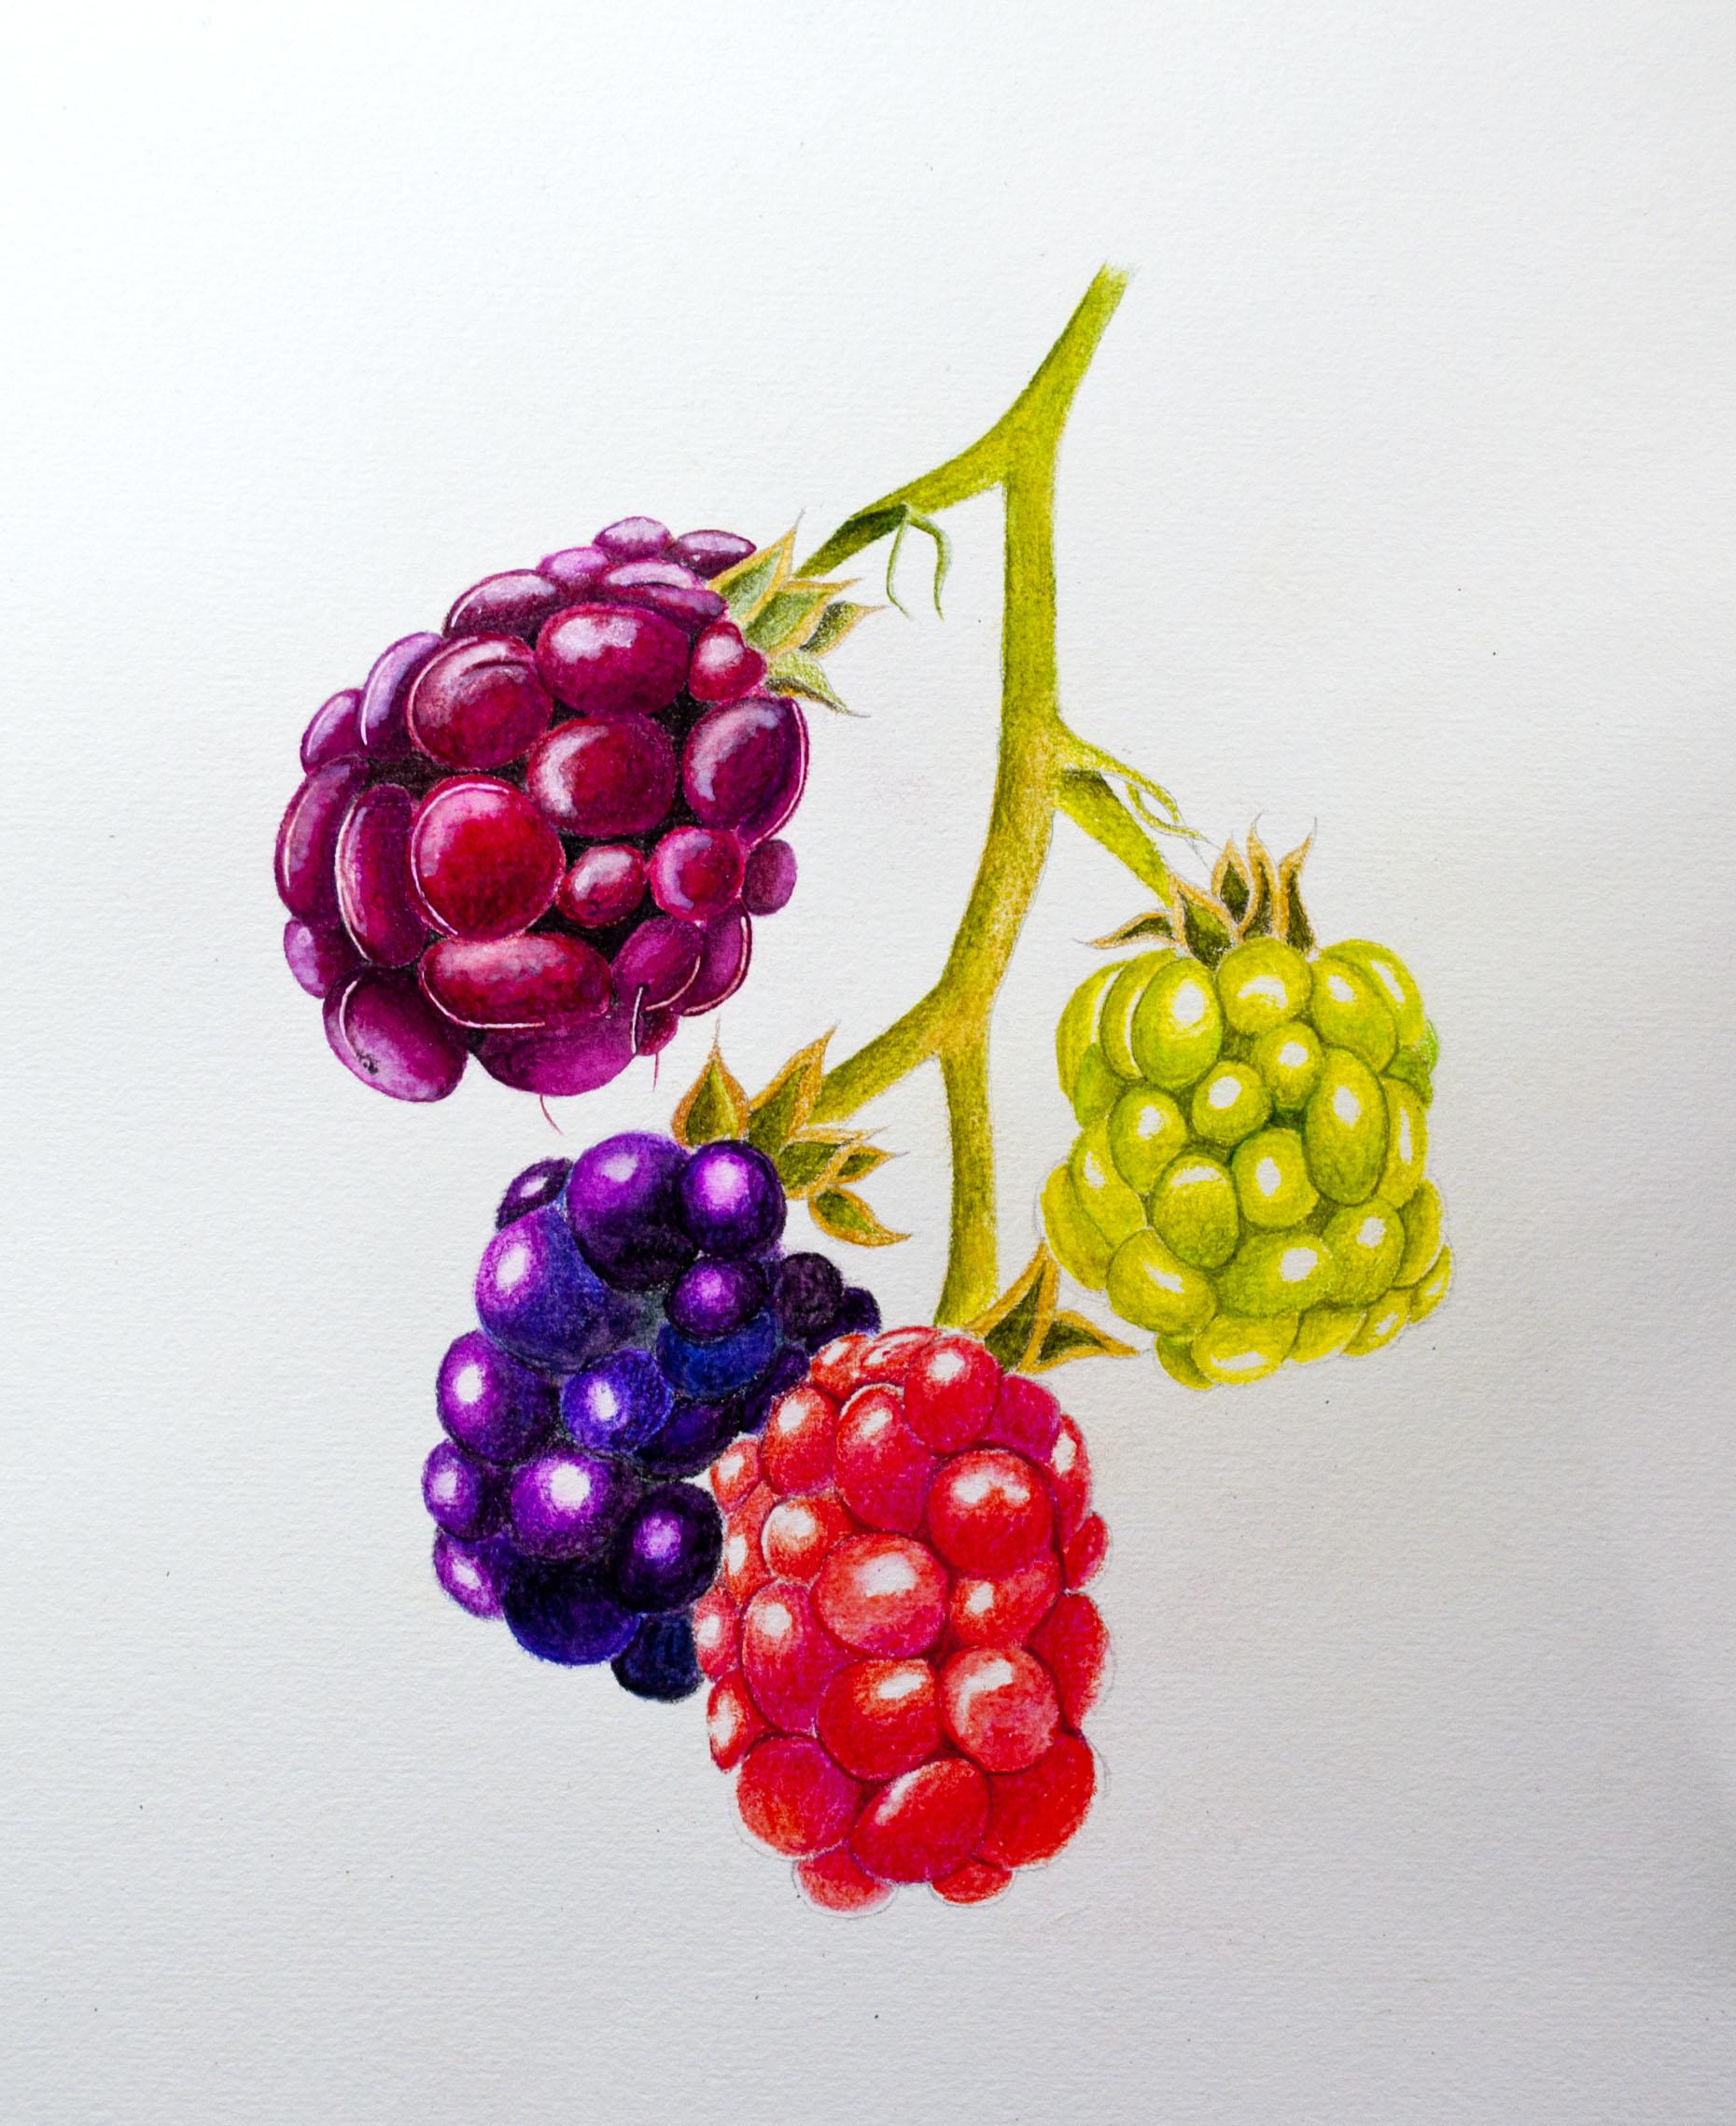 Arteza Botanical Image 3.jpg